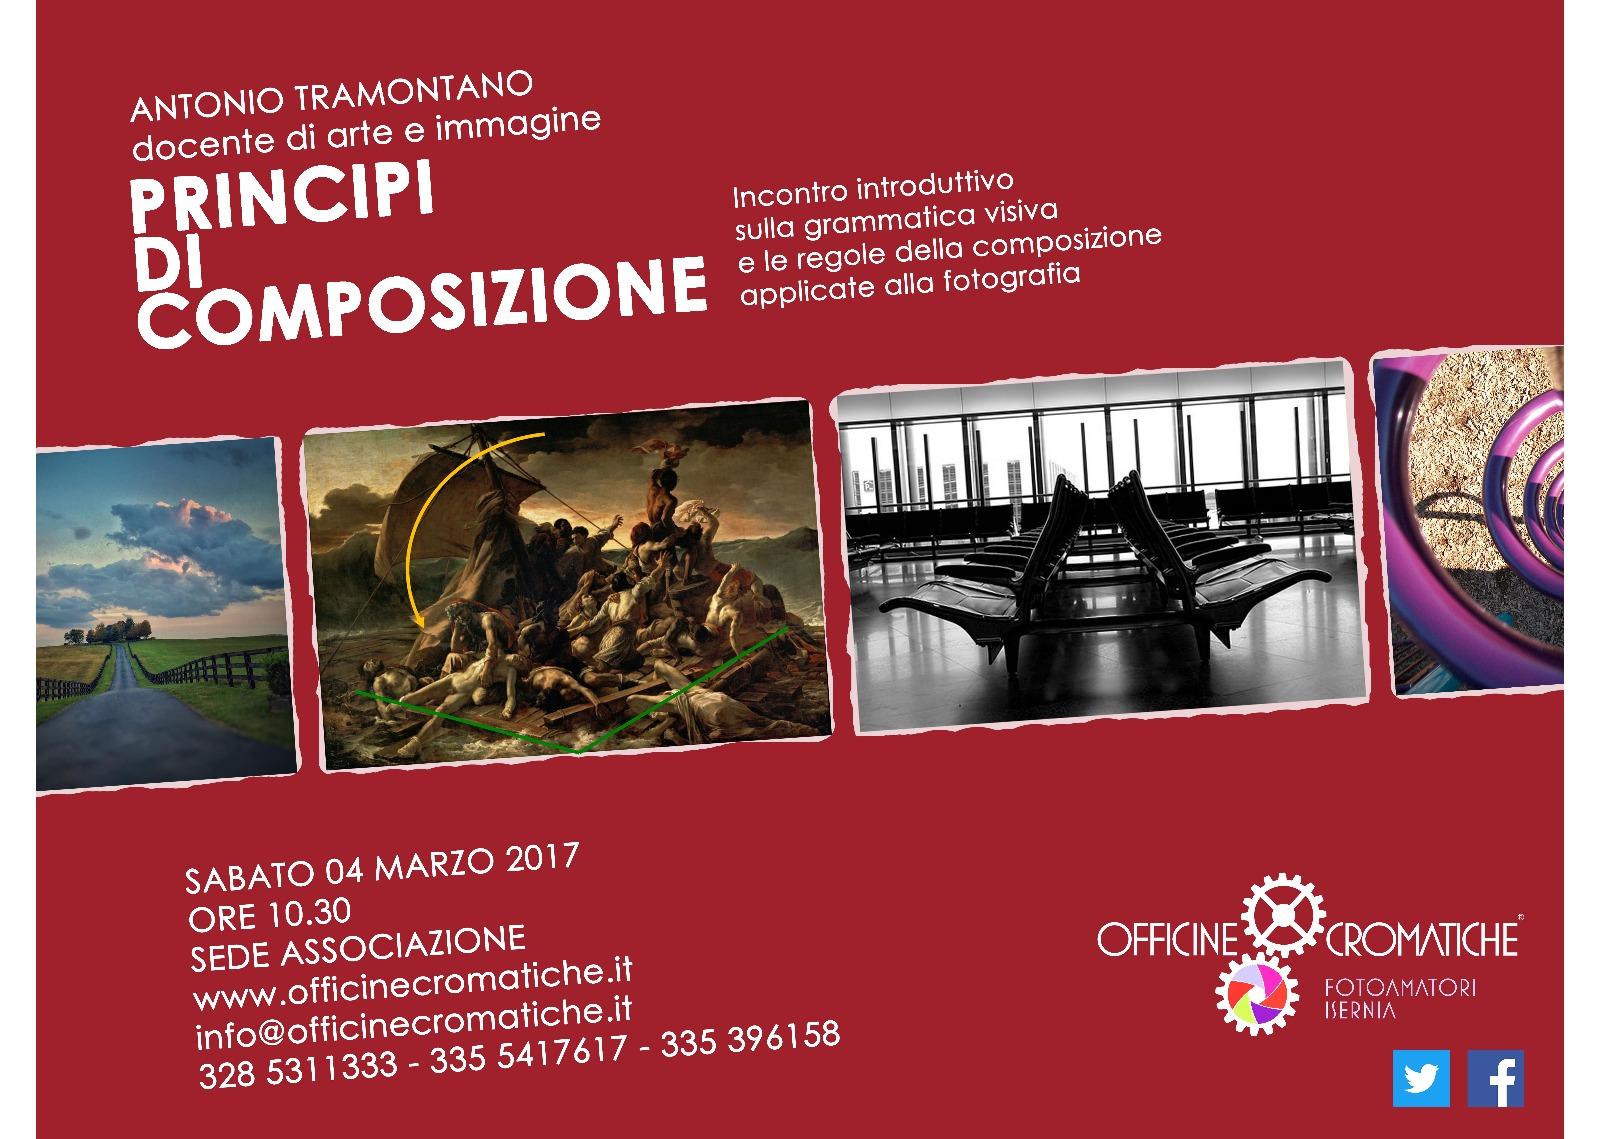 Principi di composizione - Antonio Tramontano